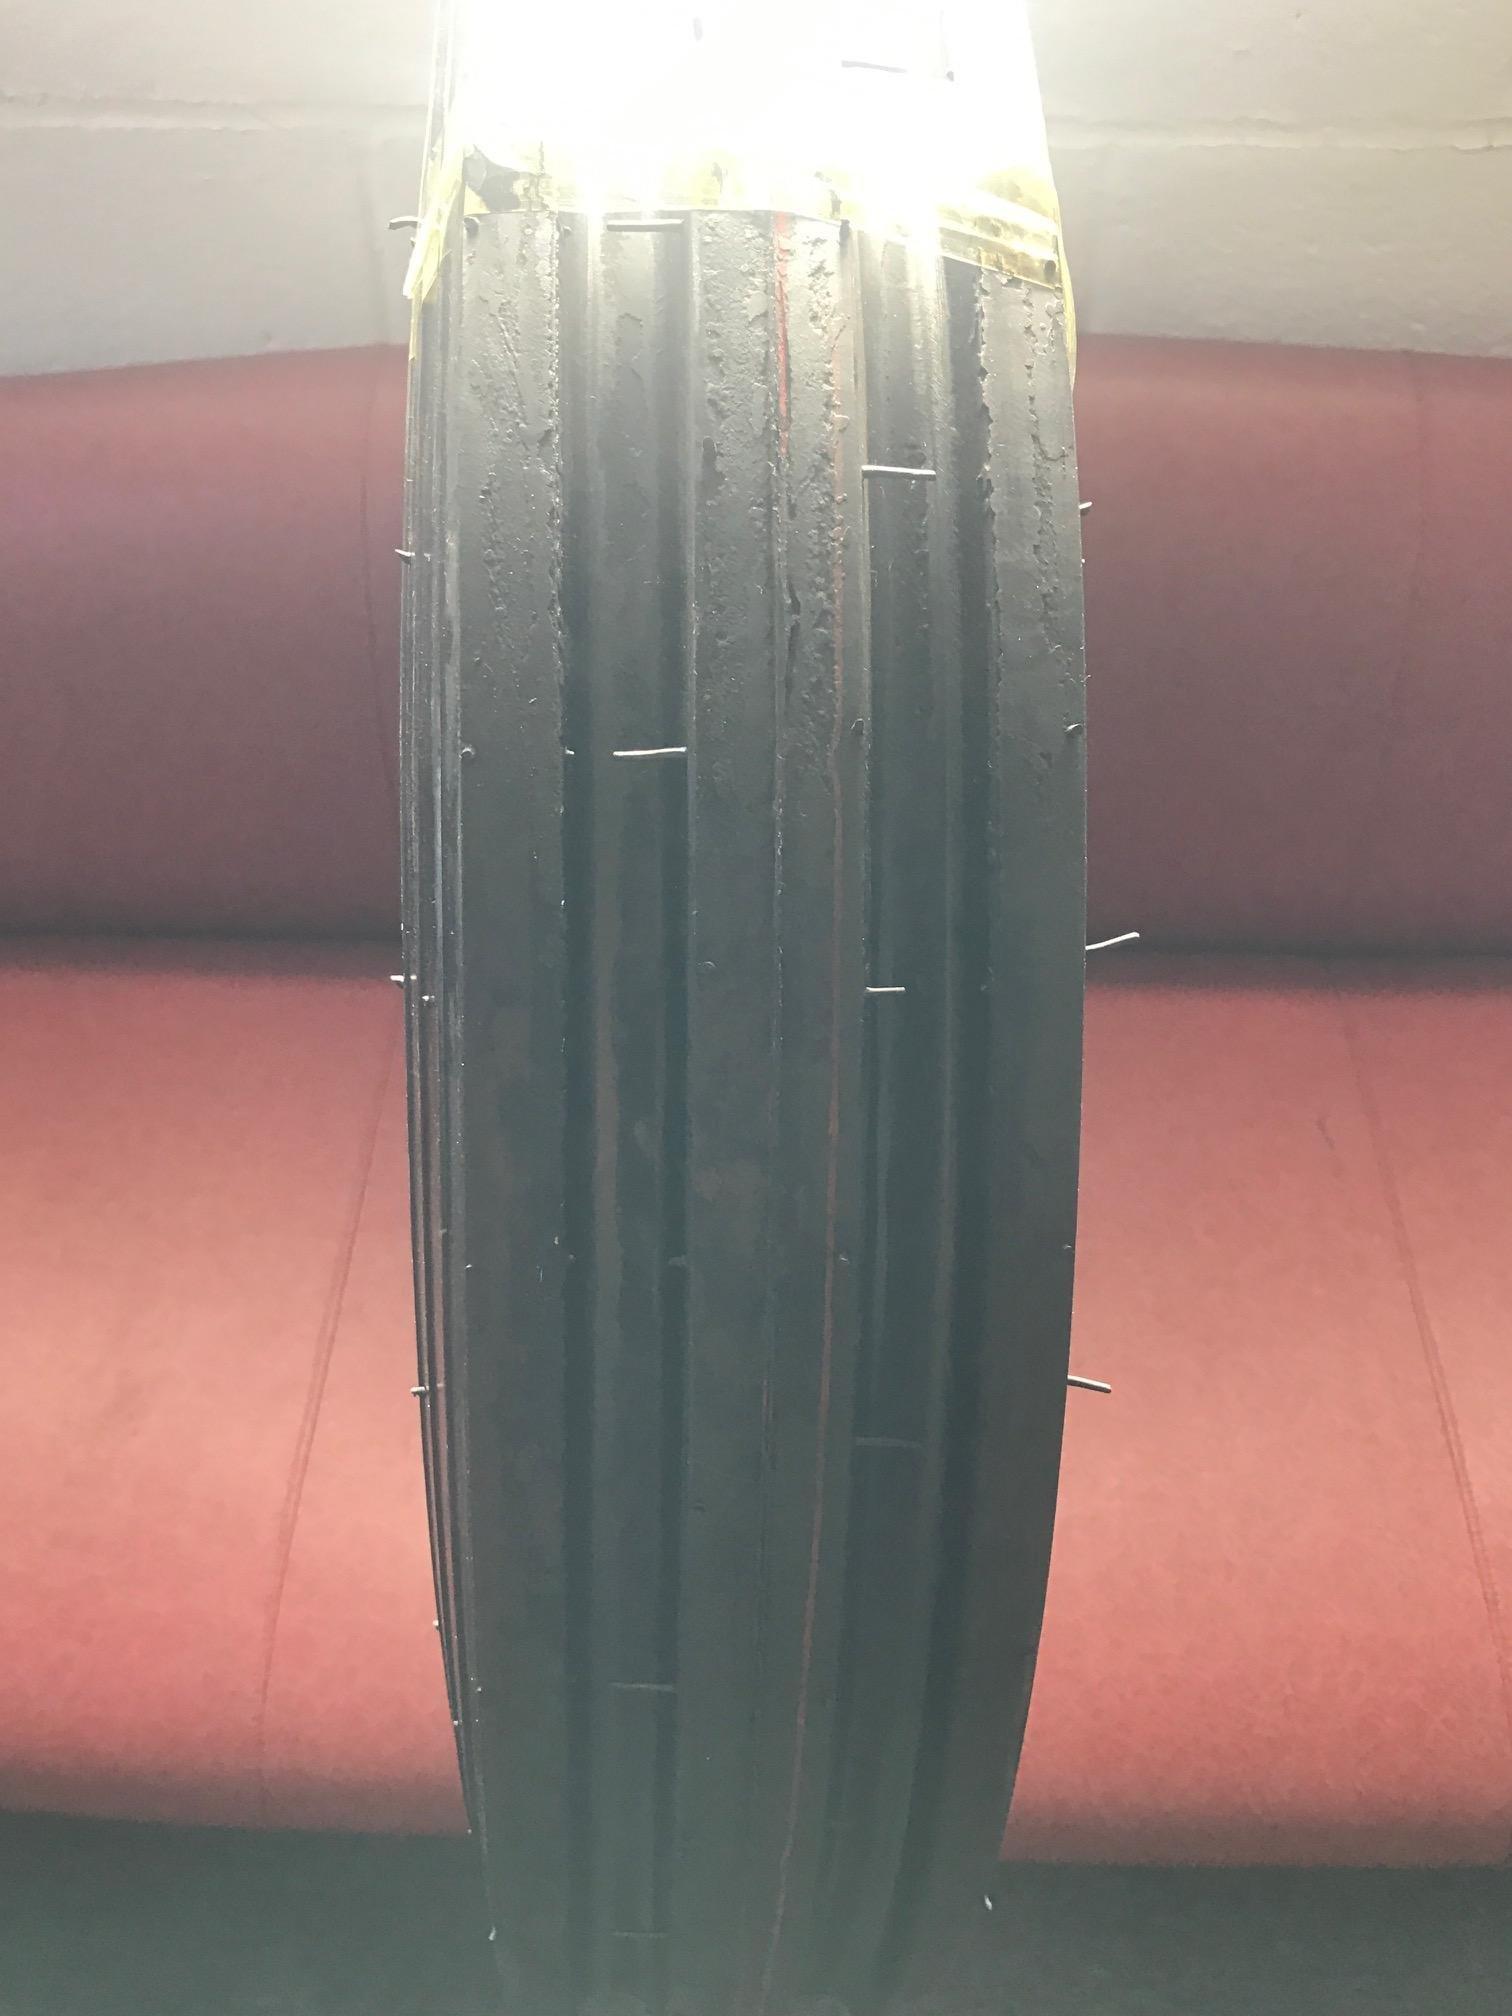 (2 TIRES NO TUBE ) 6.00-16 6PLY F2 3-Rib Farm Tractor Tires